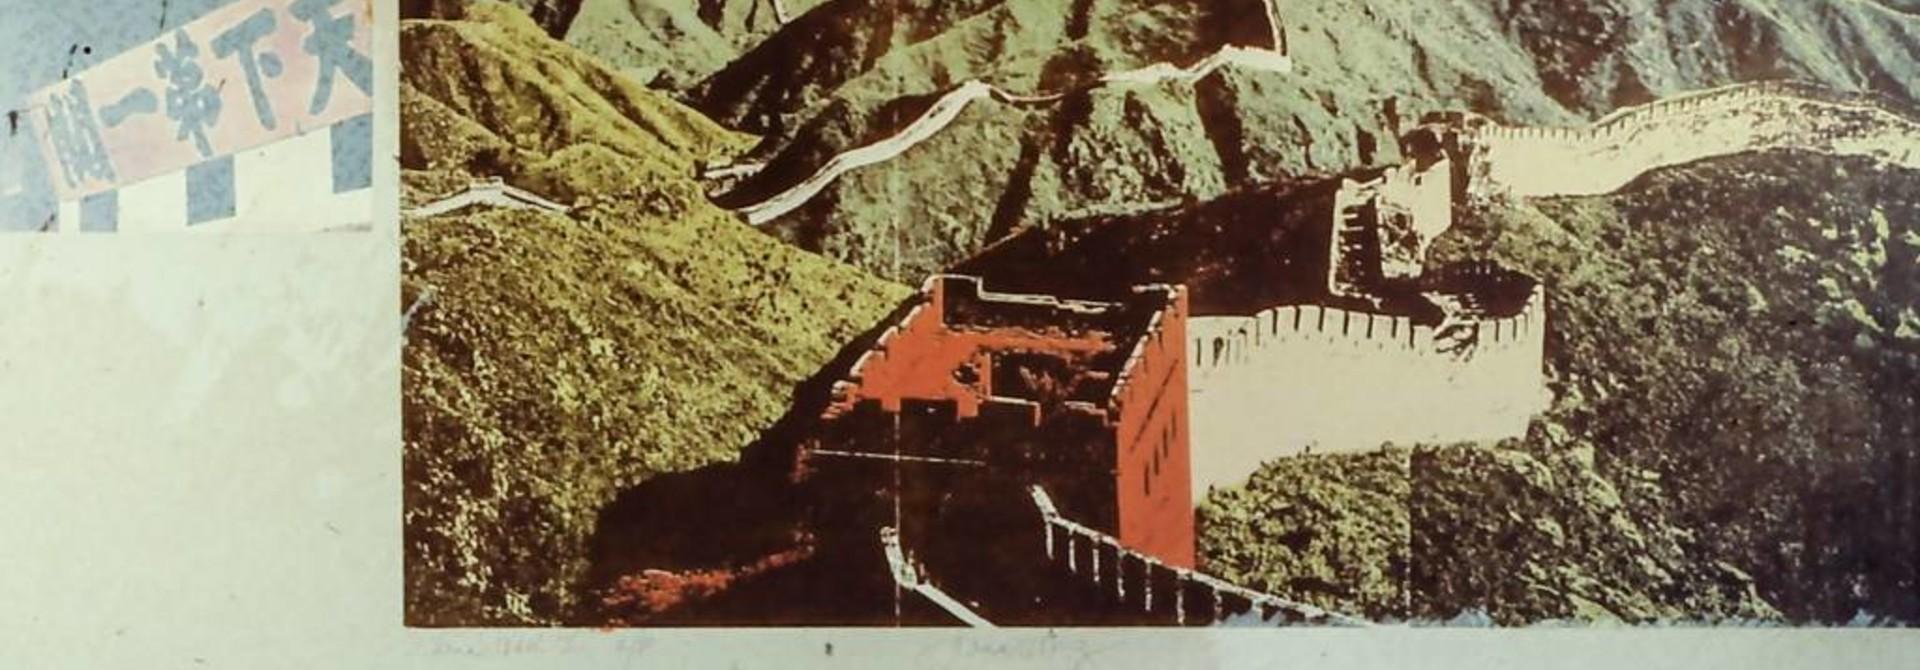 China Wall I